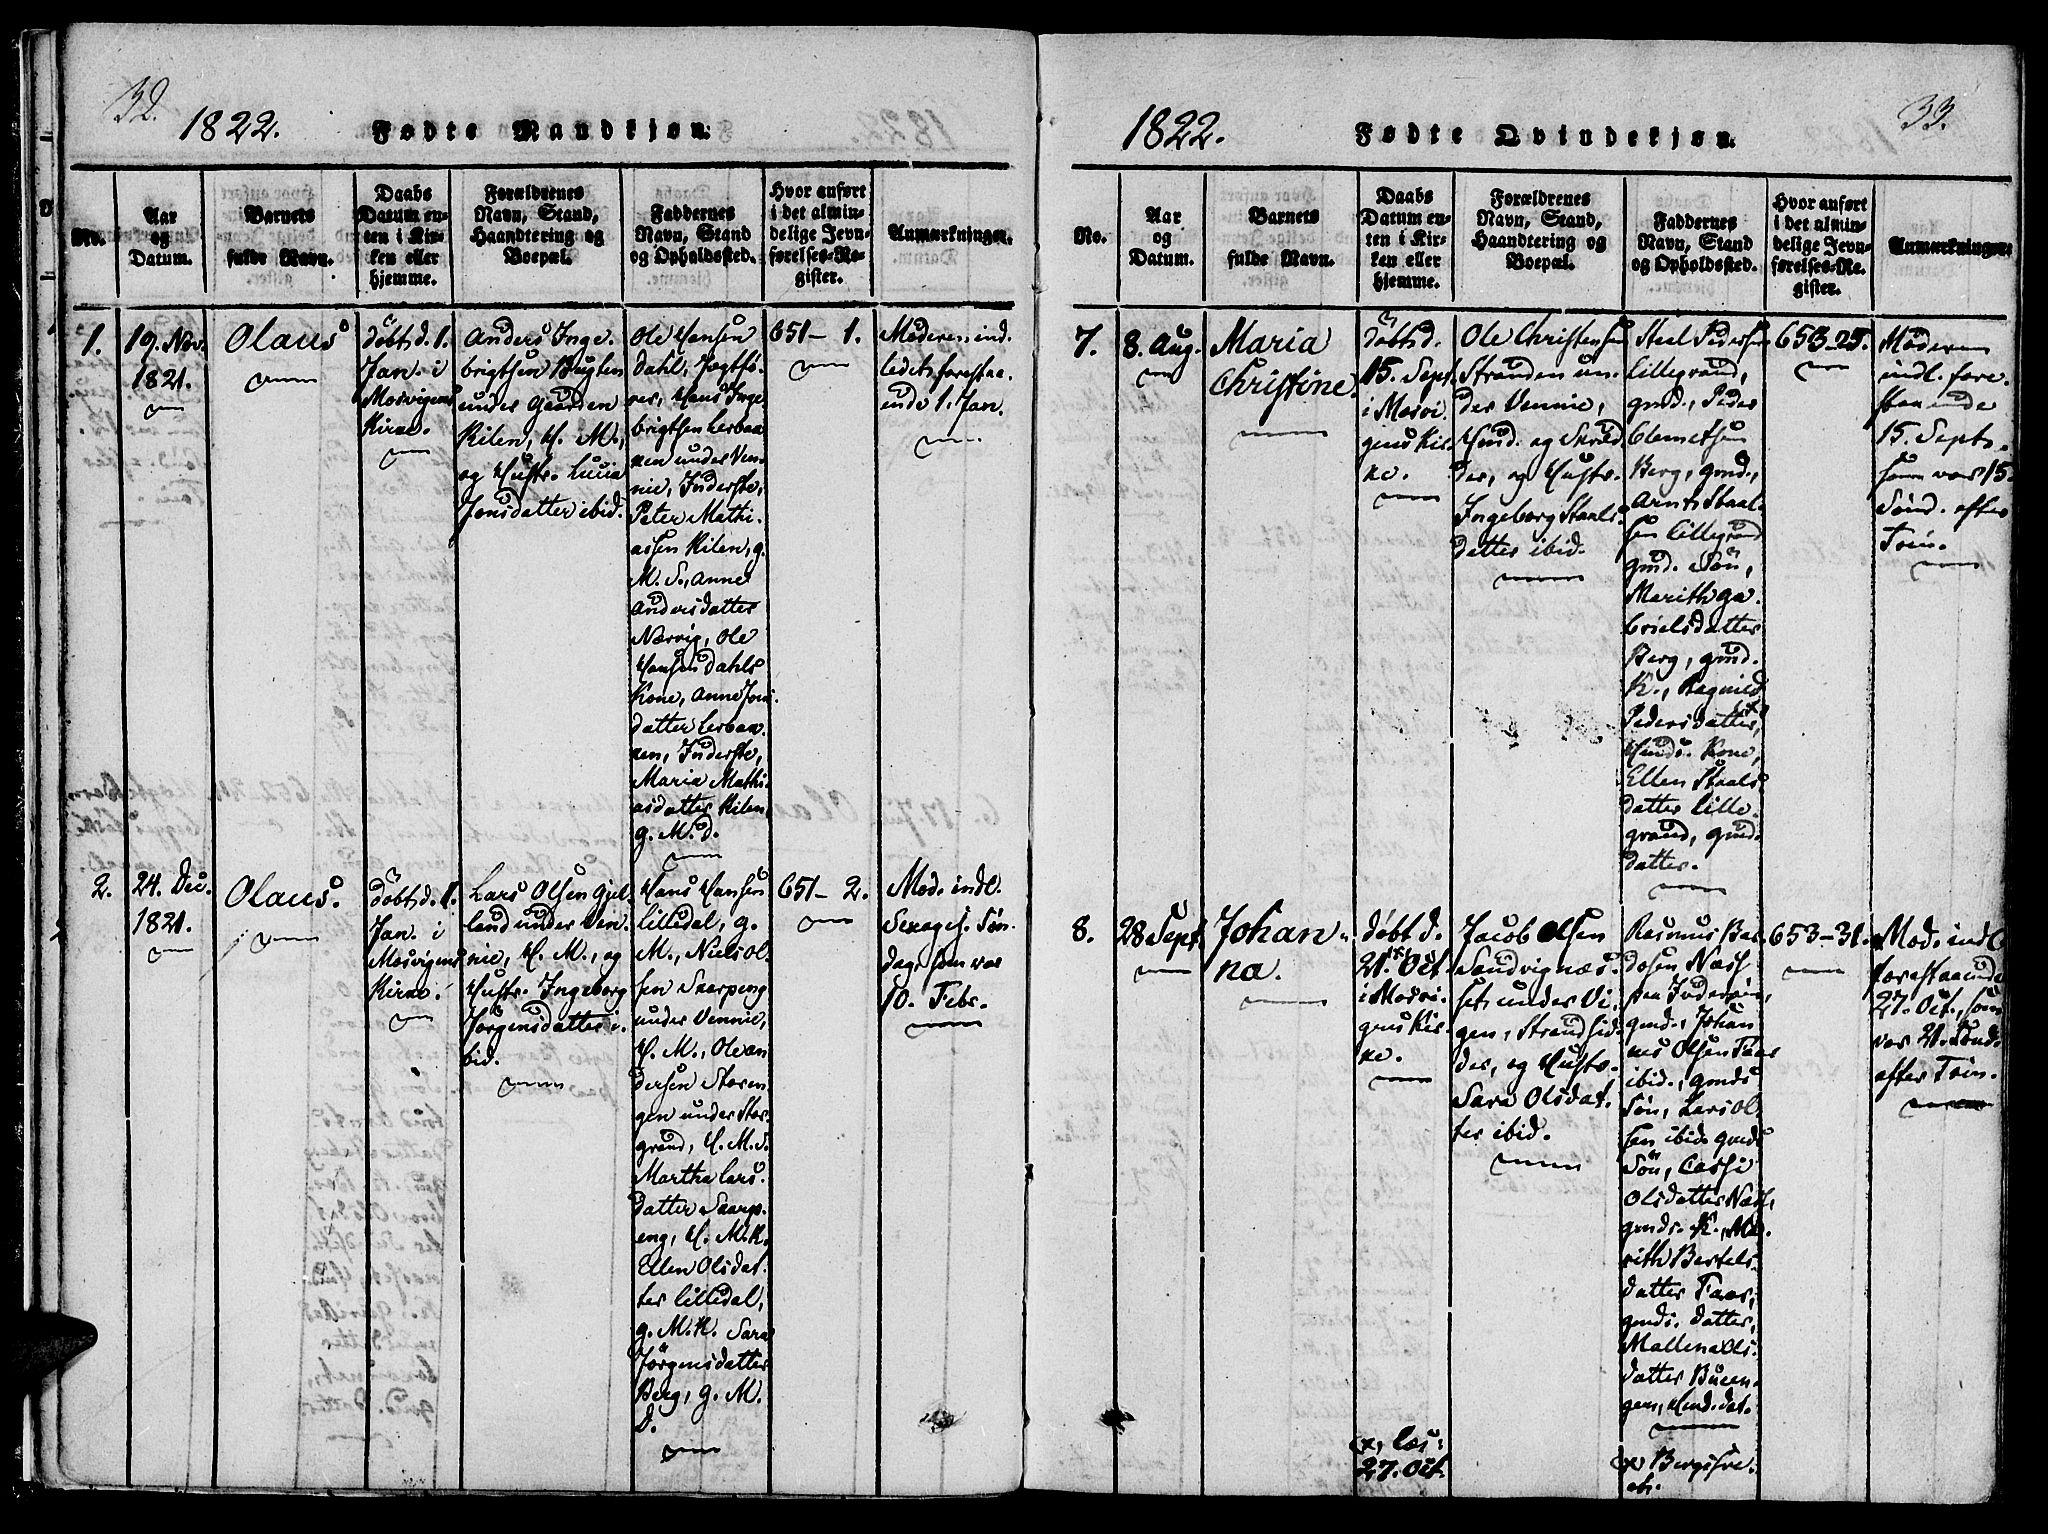 SAT, Ministerialprotokoller, klokkerbøker og fødselsregistre - Nord-Trøndelag, 733/L0322: Ministerialbok nr. 733A01, 1817-1842, s. 32-33